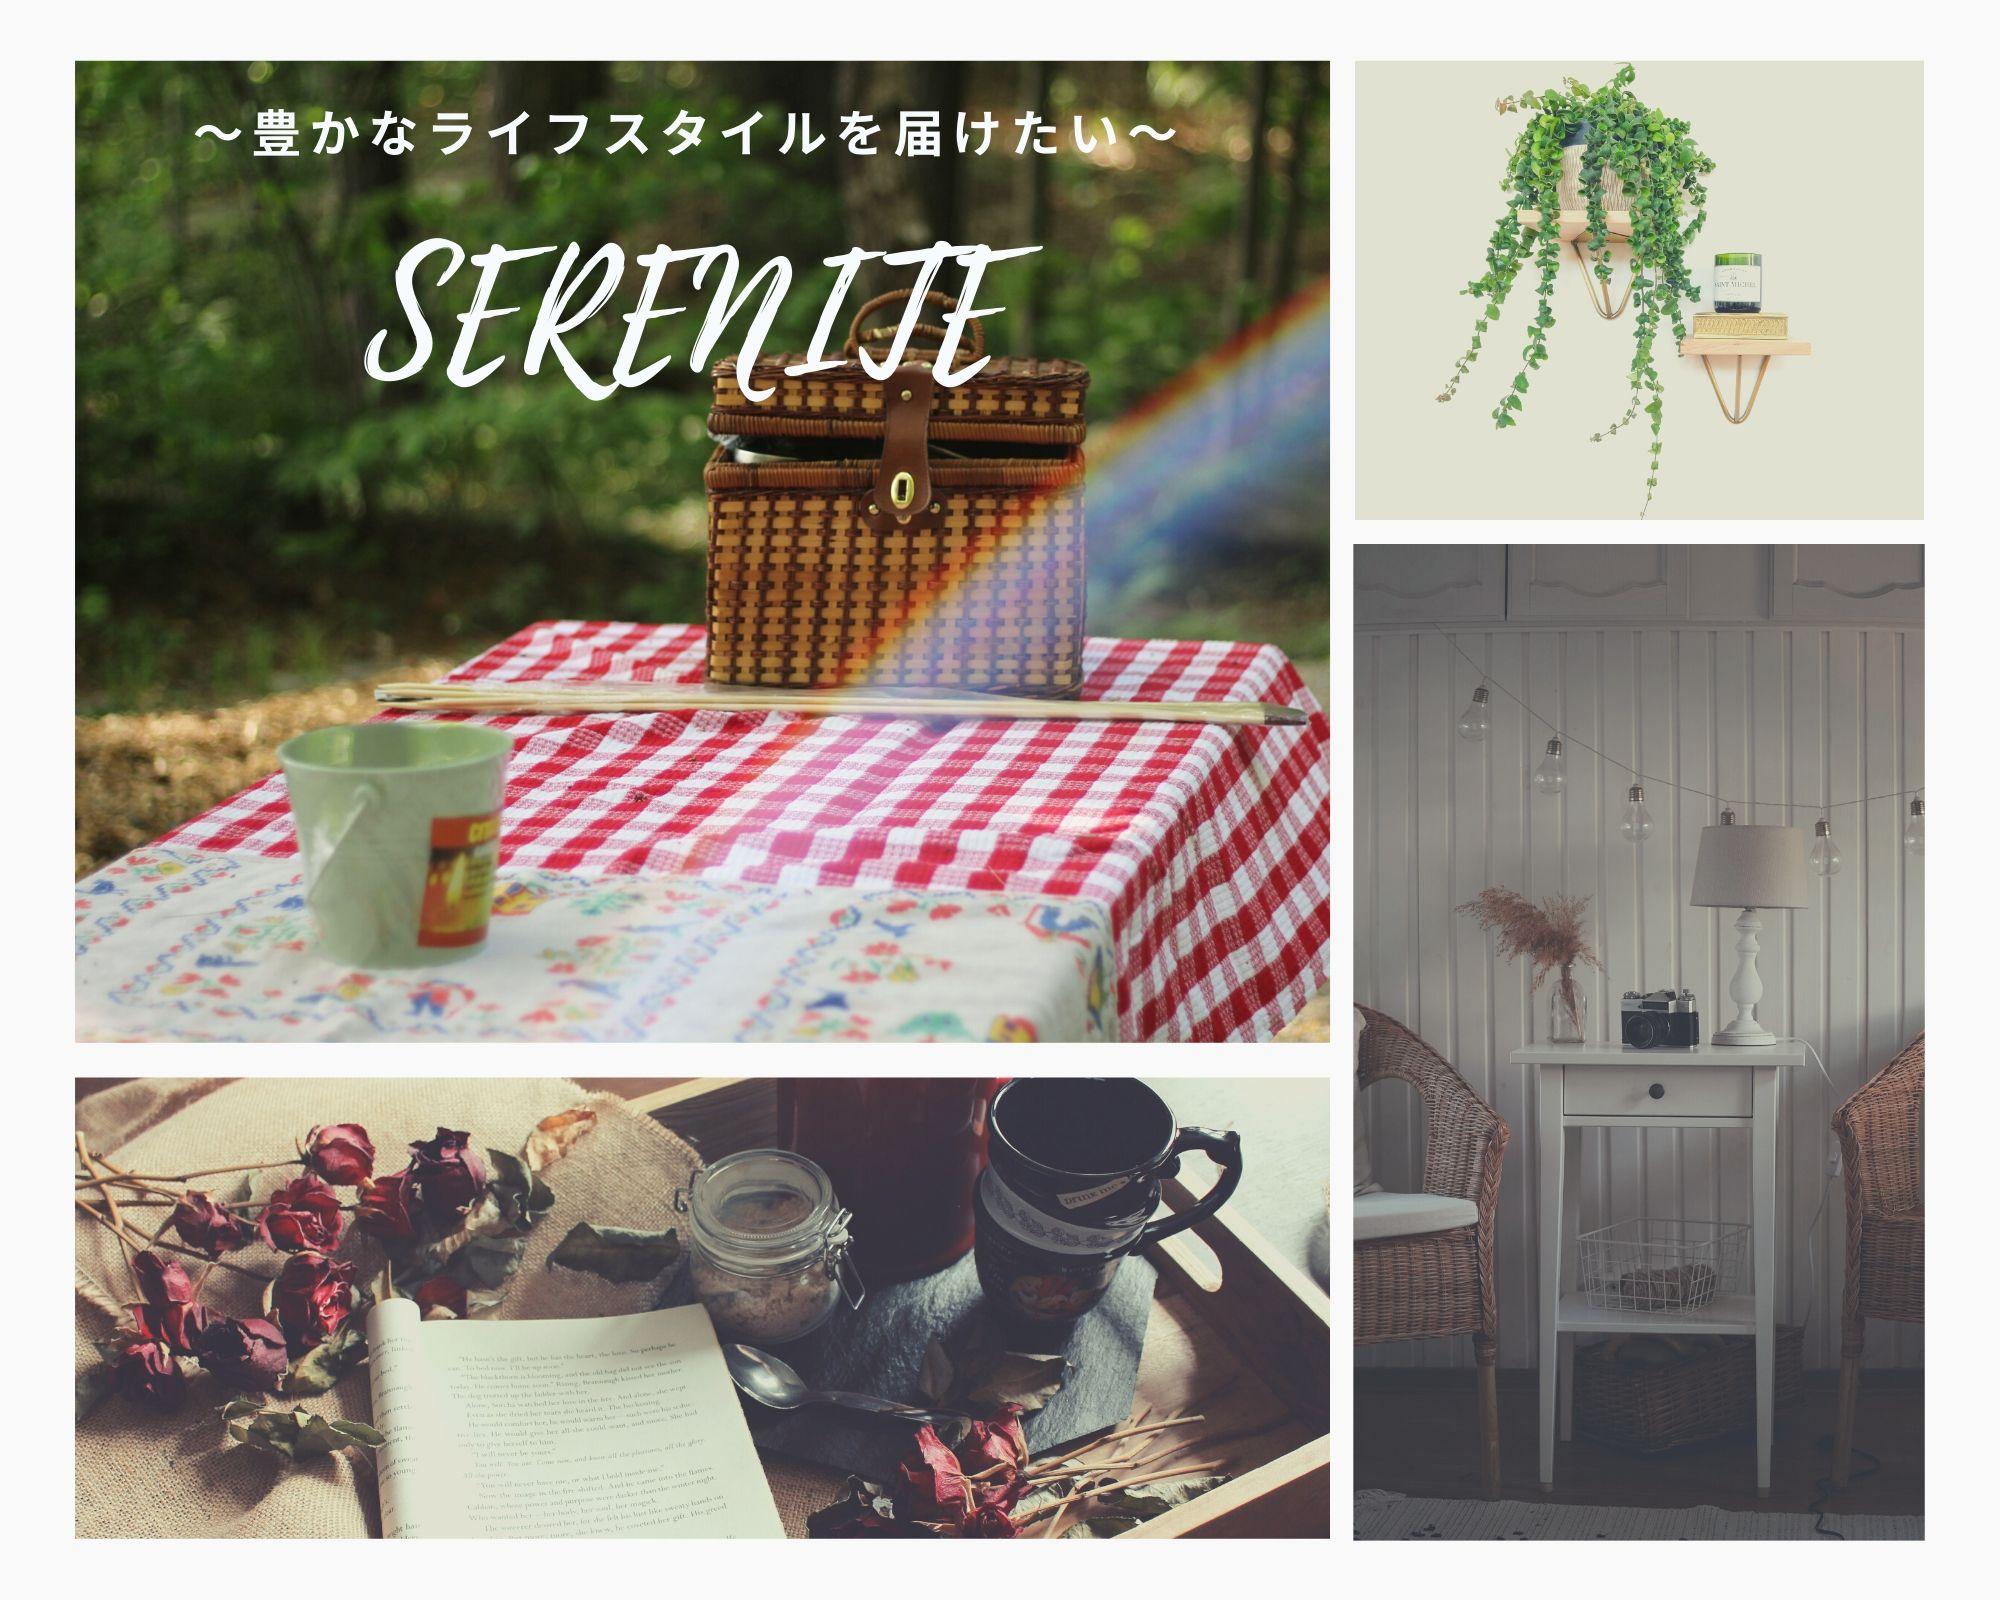 serenite紹介画像1